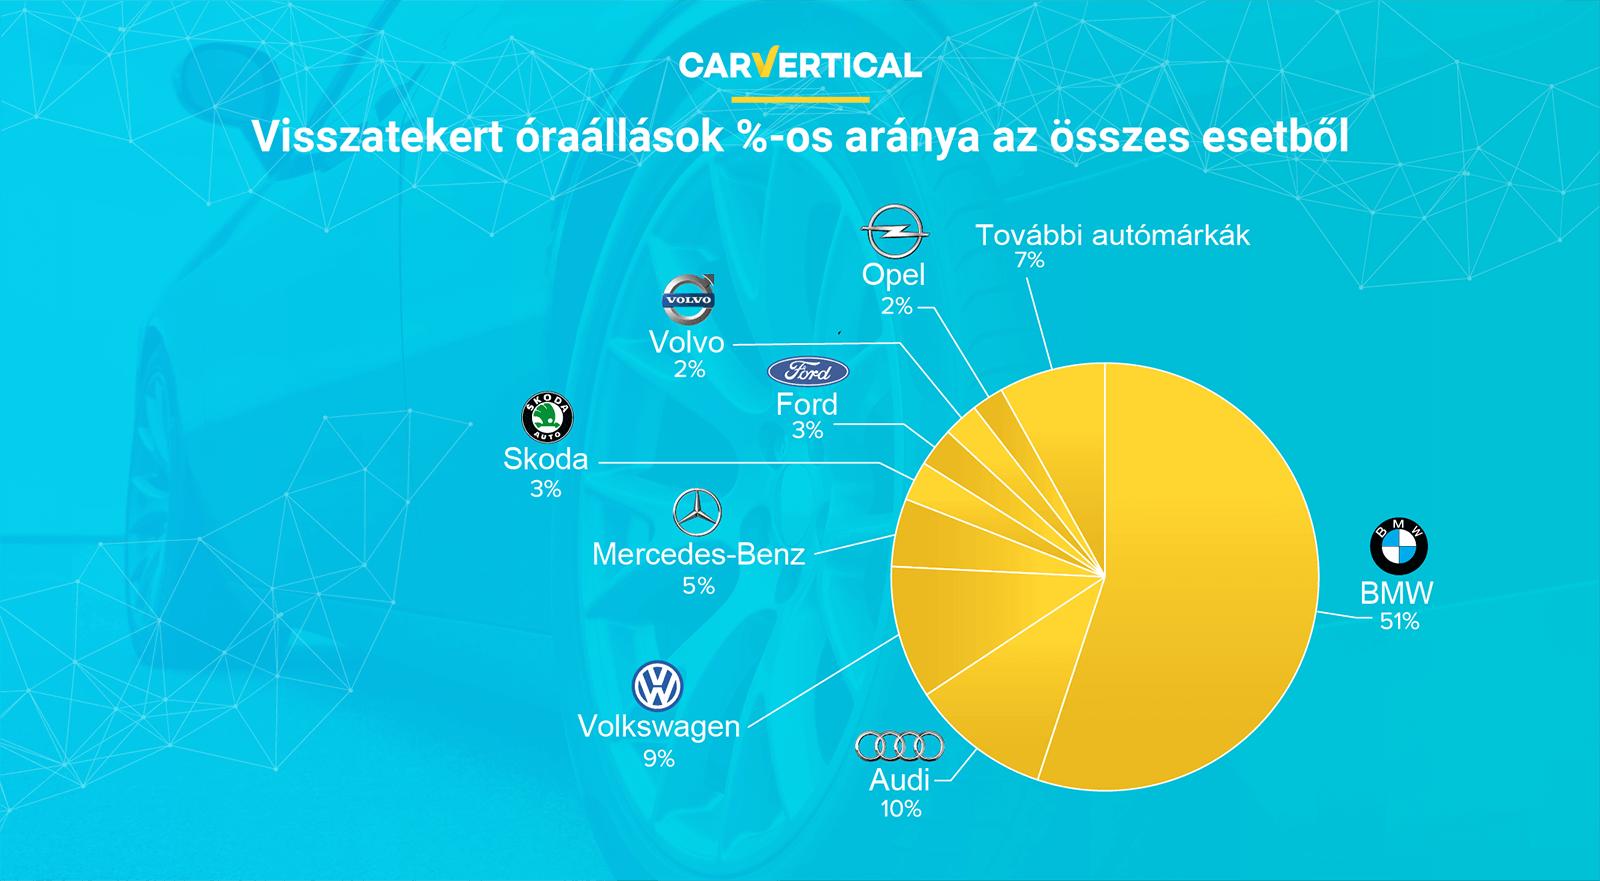 A legmegbízhatóbb autókat veszik leginkább?